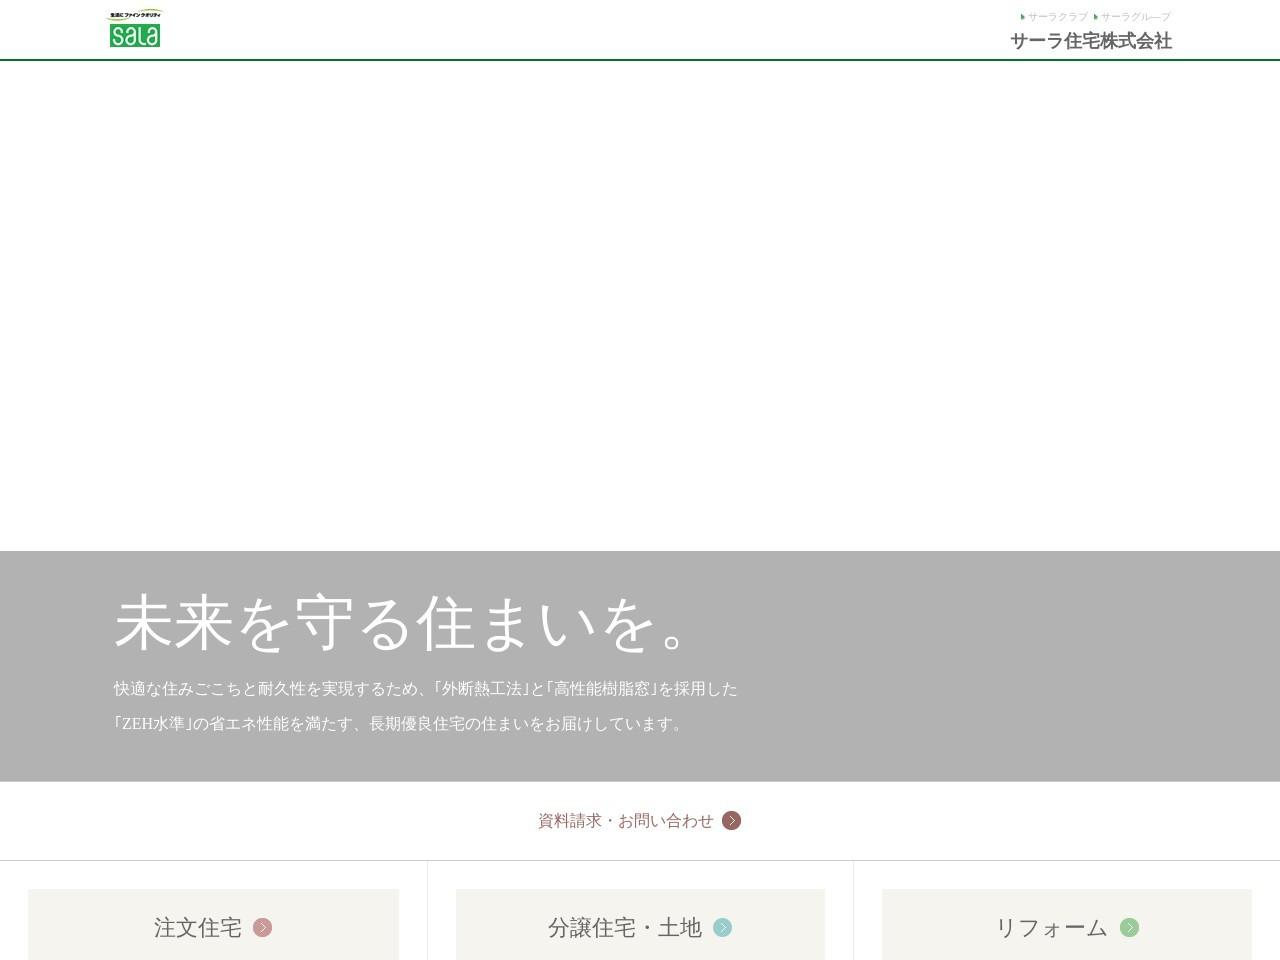 サーラ住宅株式会社浜松支店